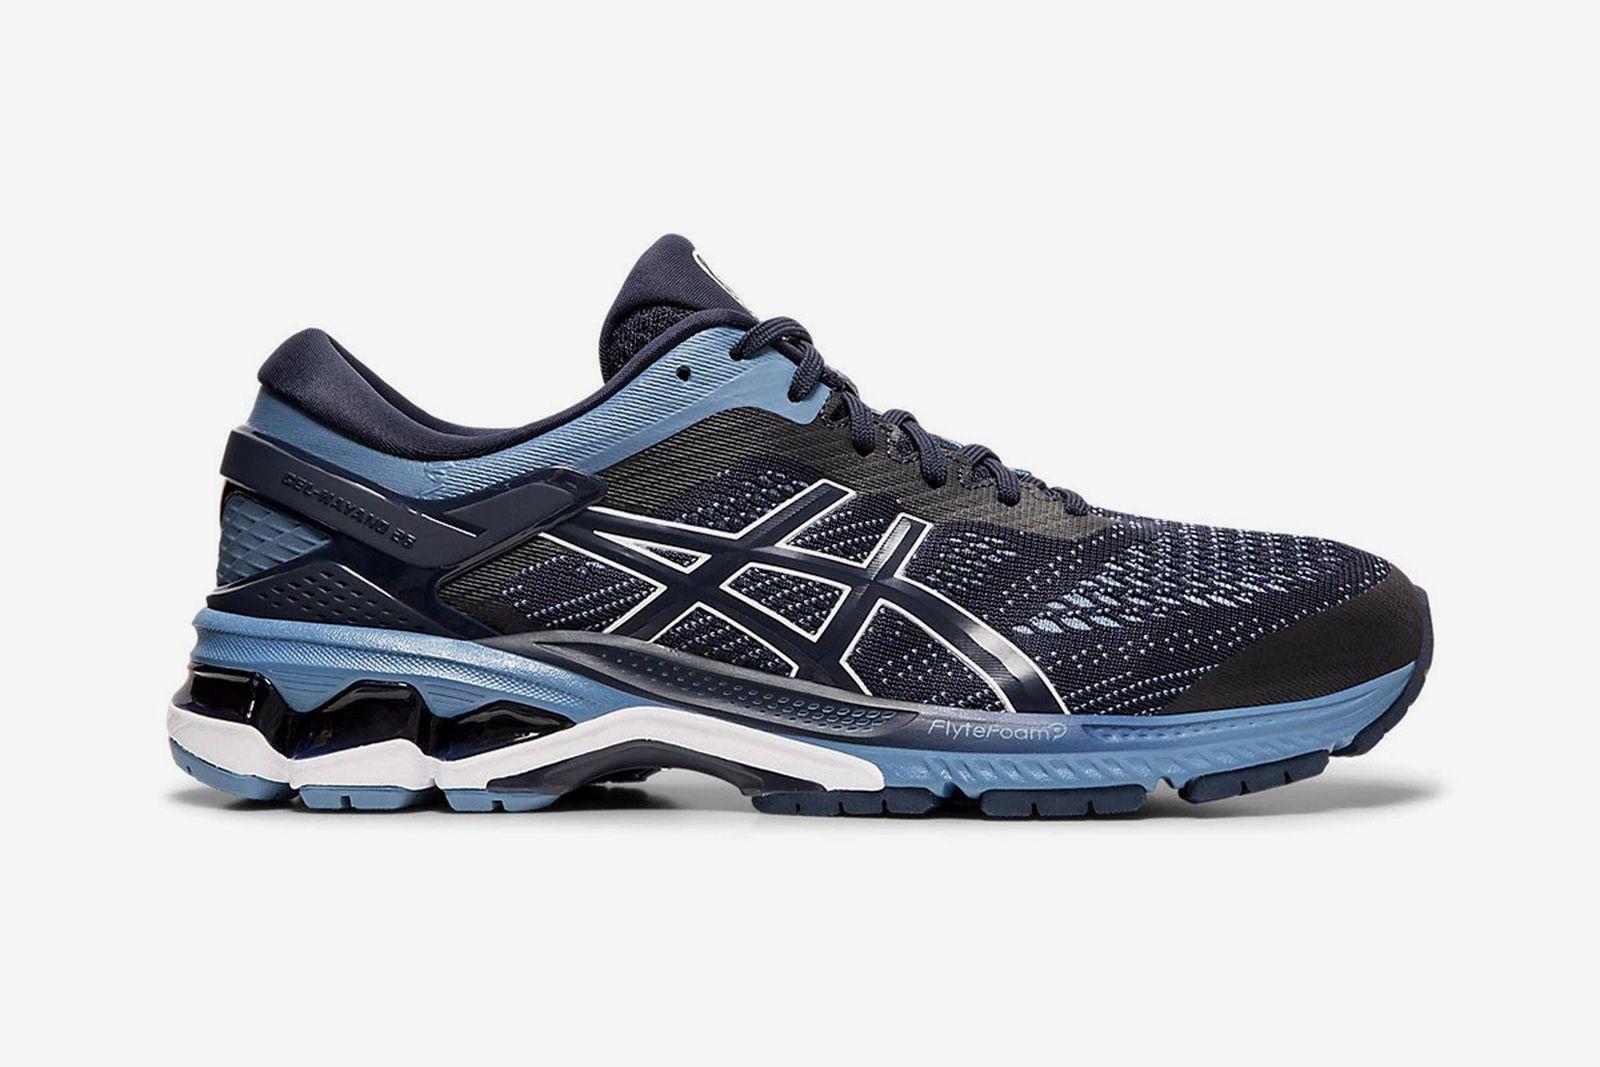 best-running-shoes-for-men-guide-asics-gel-kayano-26